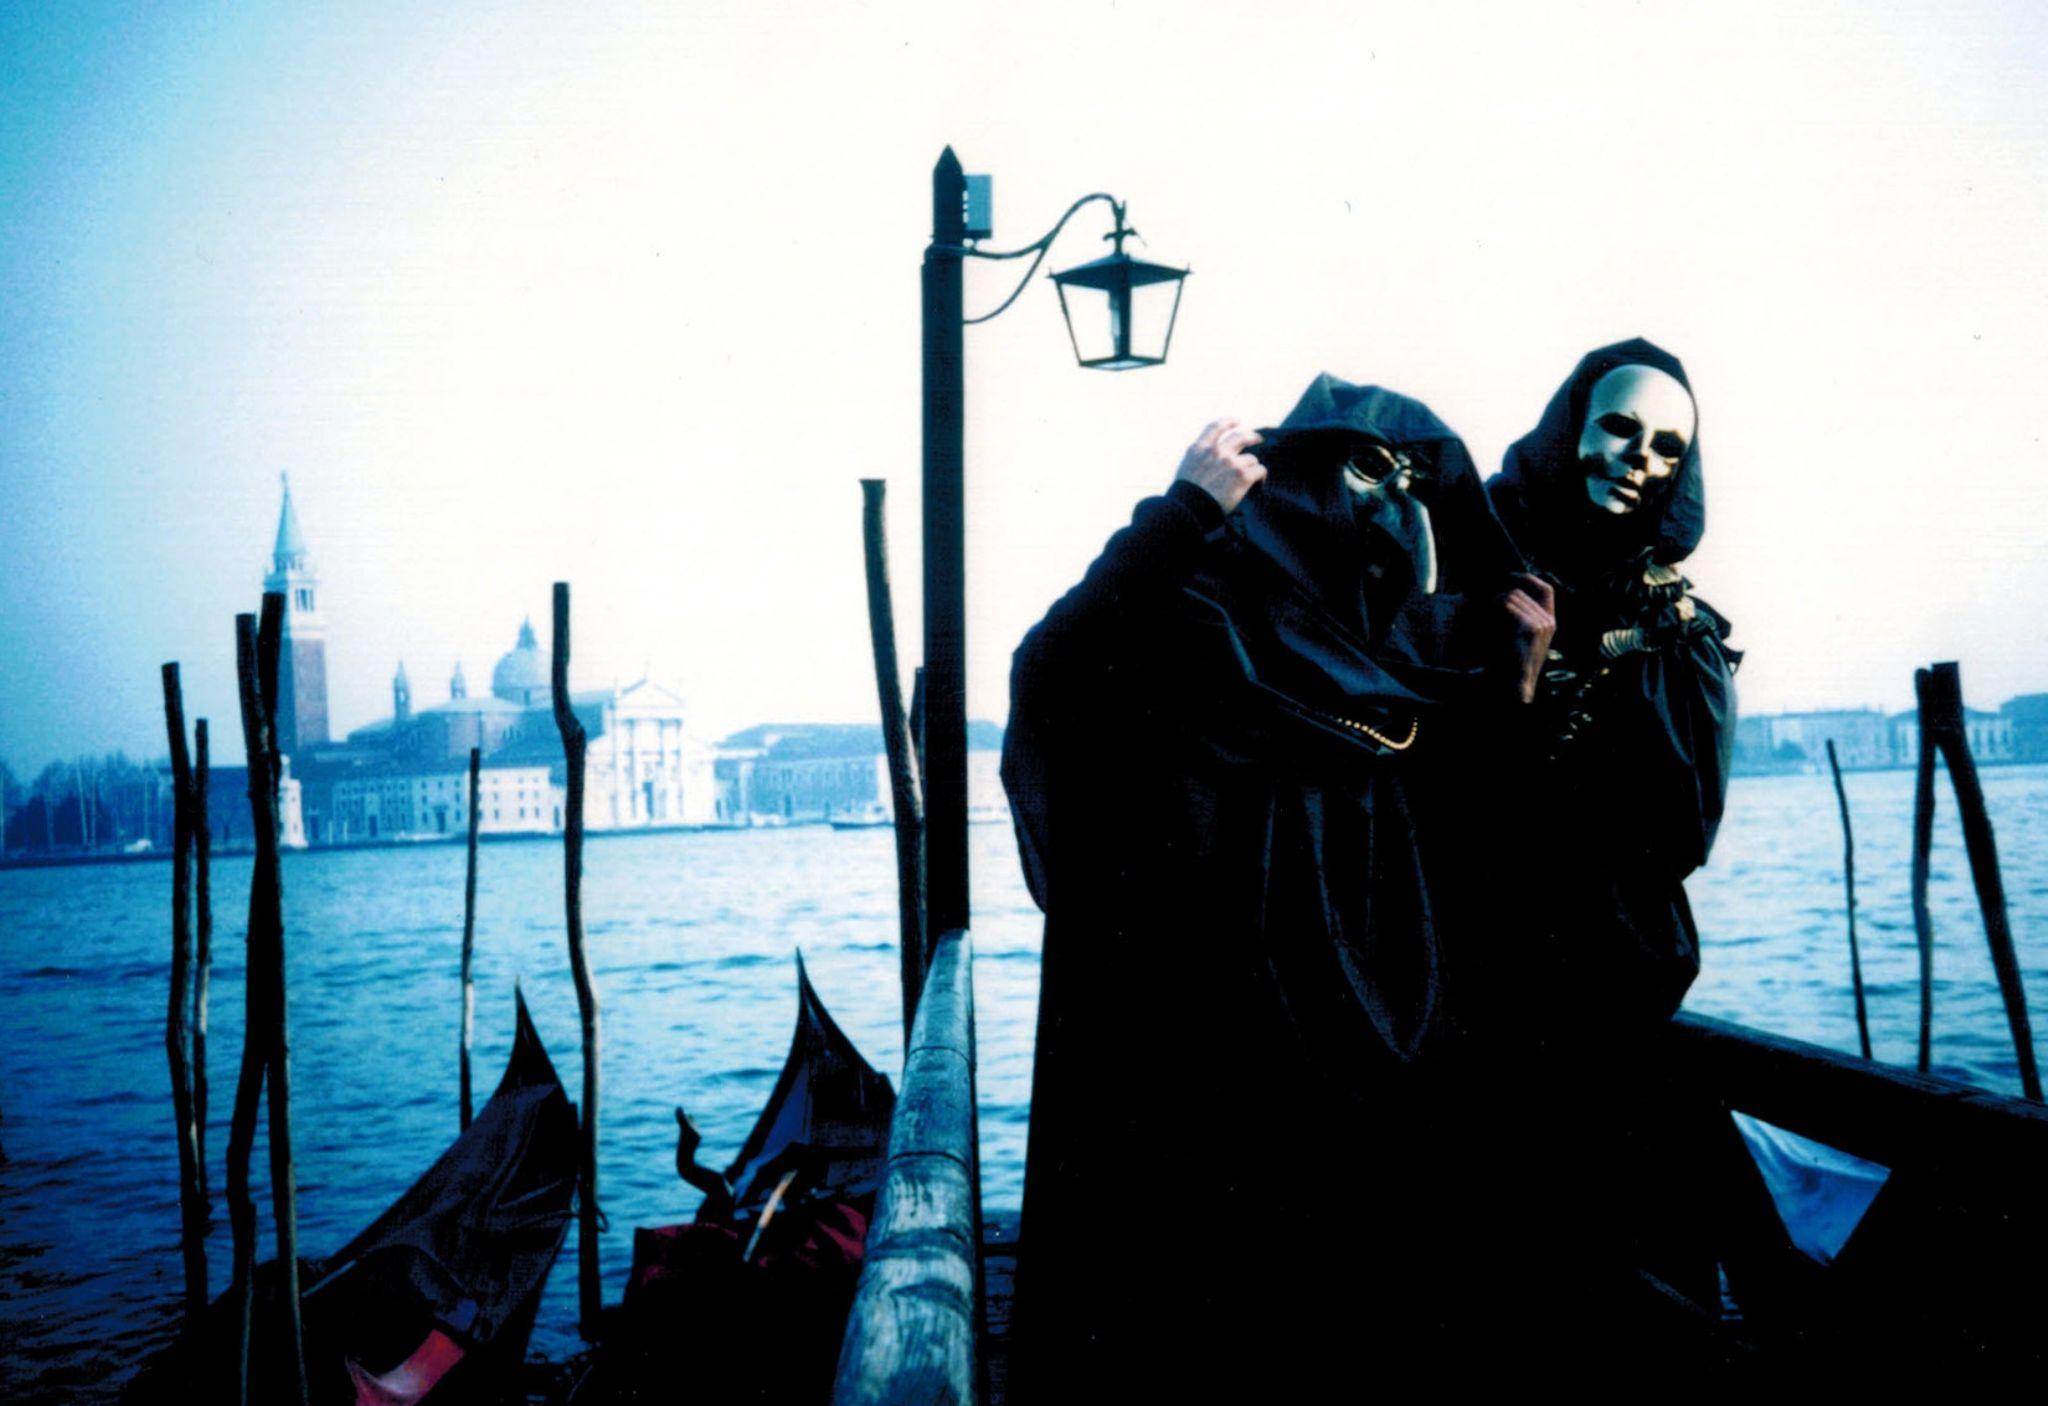 Carnaval de Venise by Blueanna